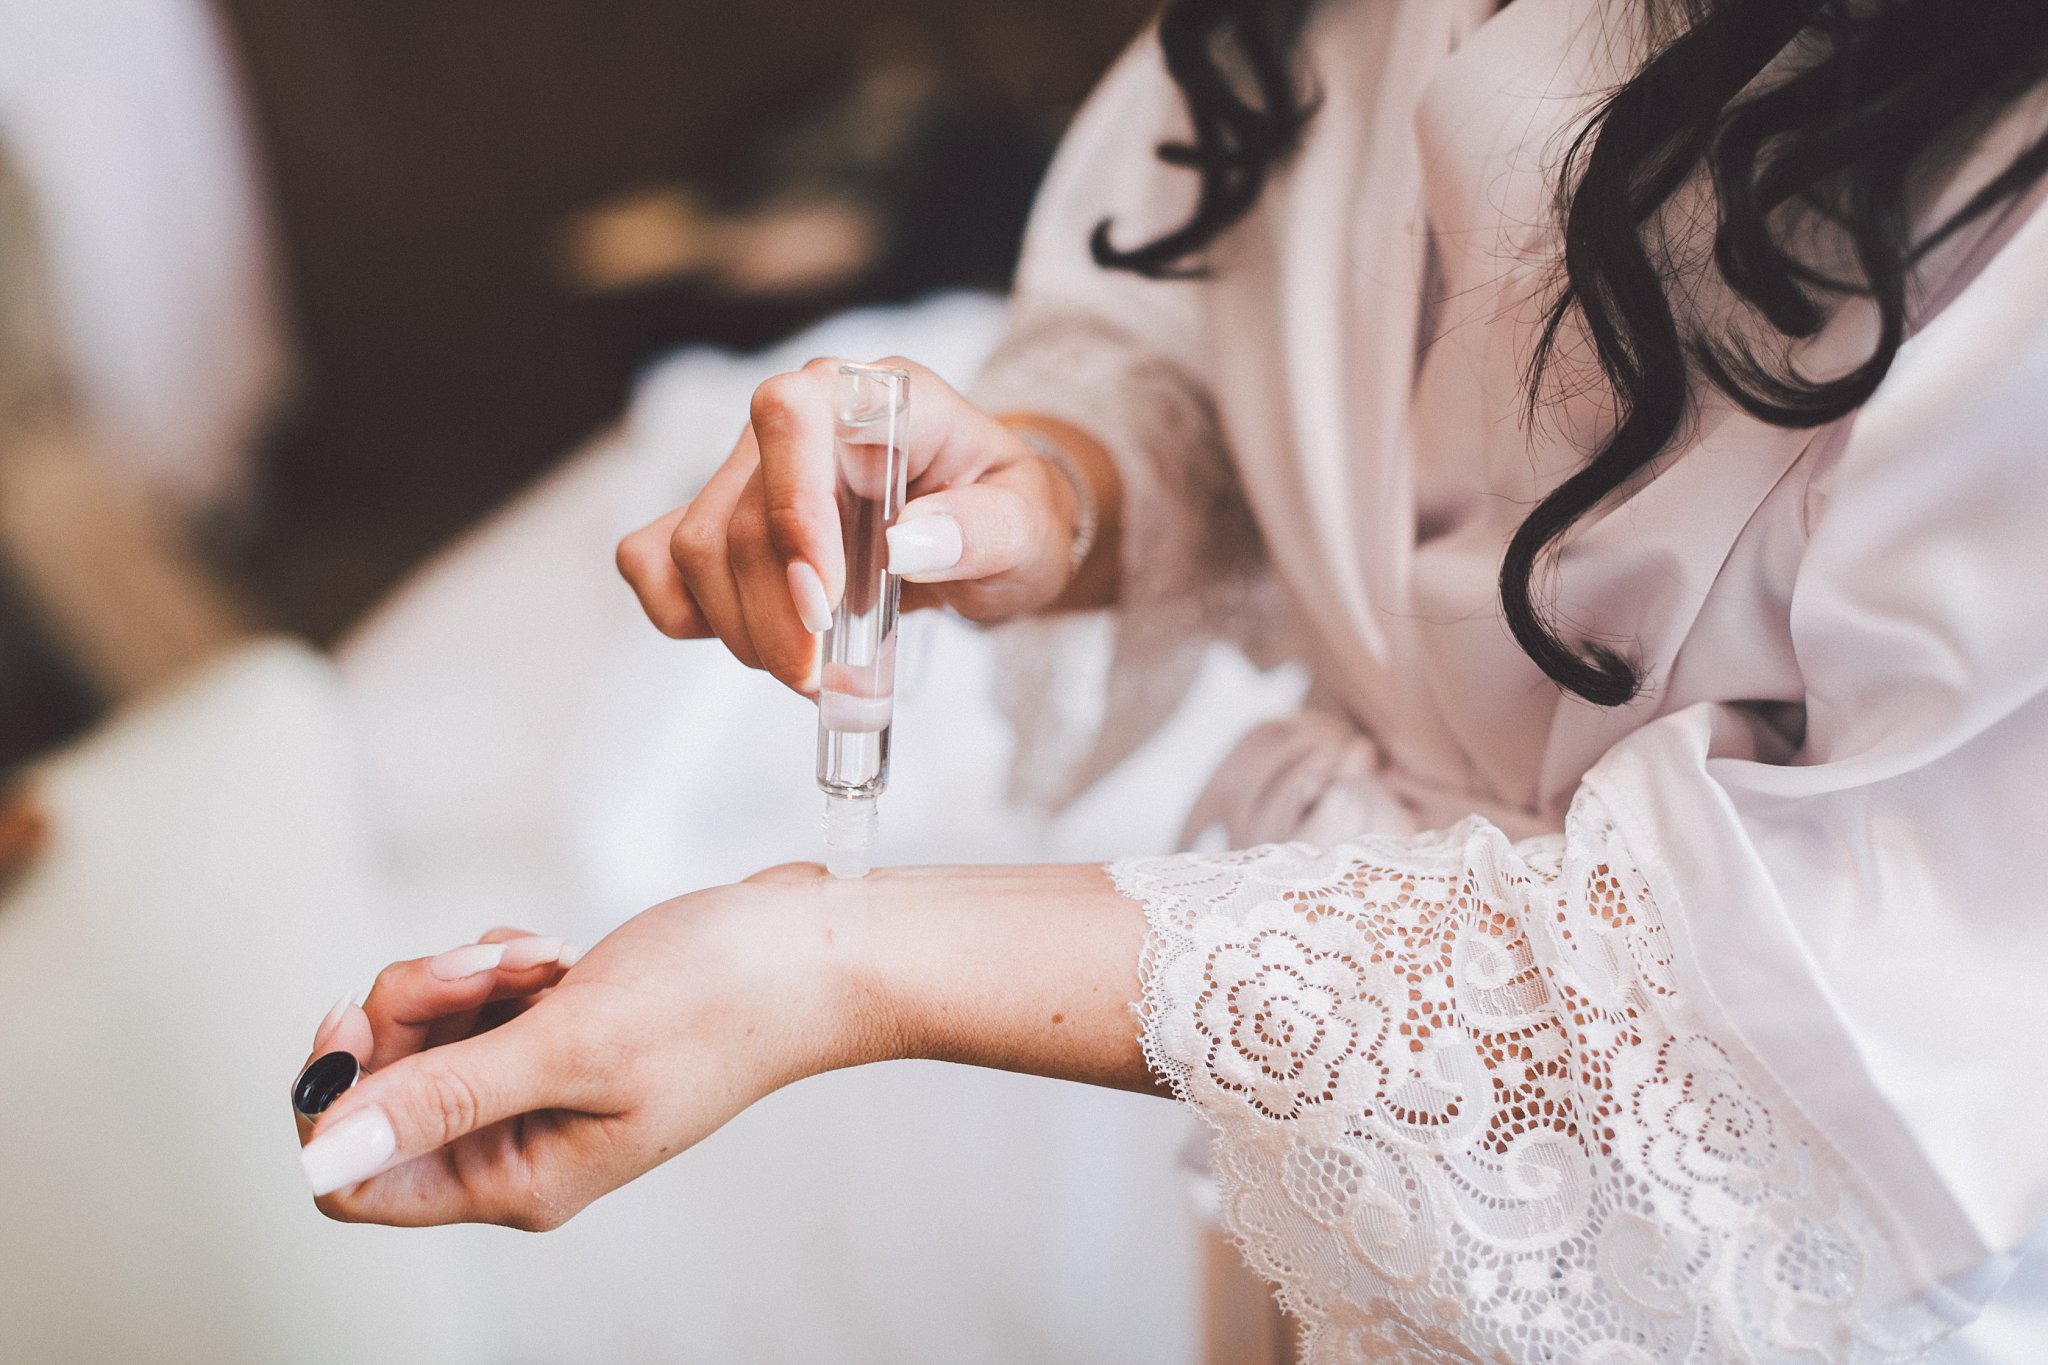 finger lakes wedding photography larkin and trevor_0207.jpg